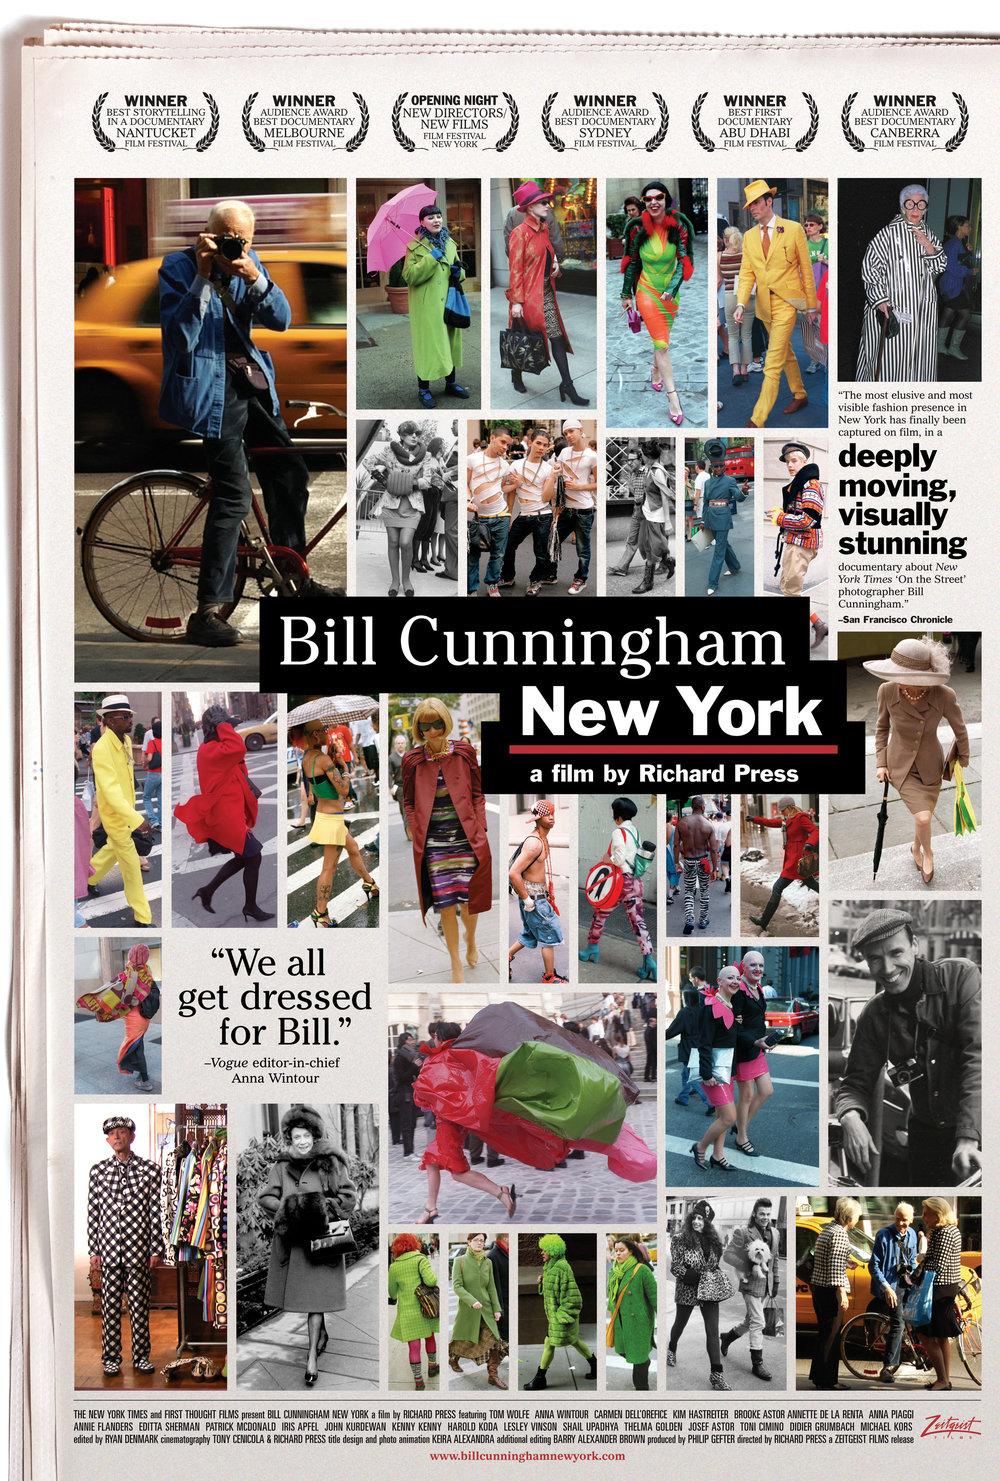 BILL CUNNINGHAM NEW YORK poster. A film by Richard Press. A Zeitgeist Films release. Photo credit: First Thought Films / Zeitgeist Films